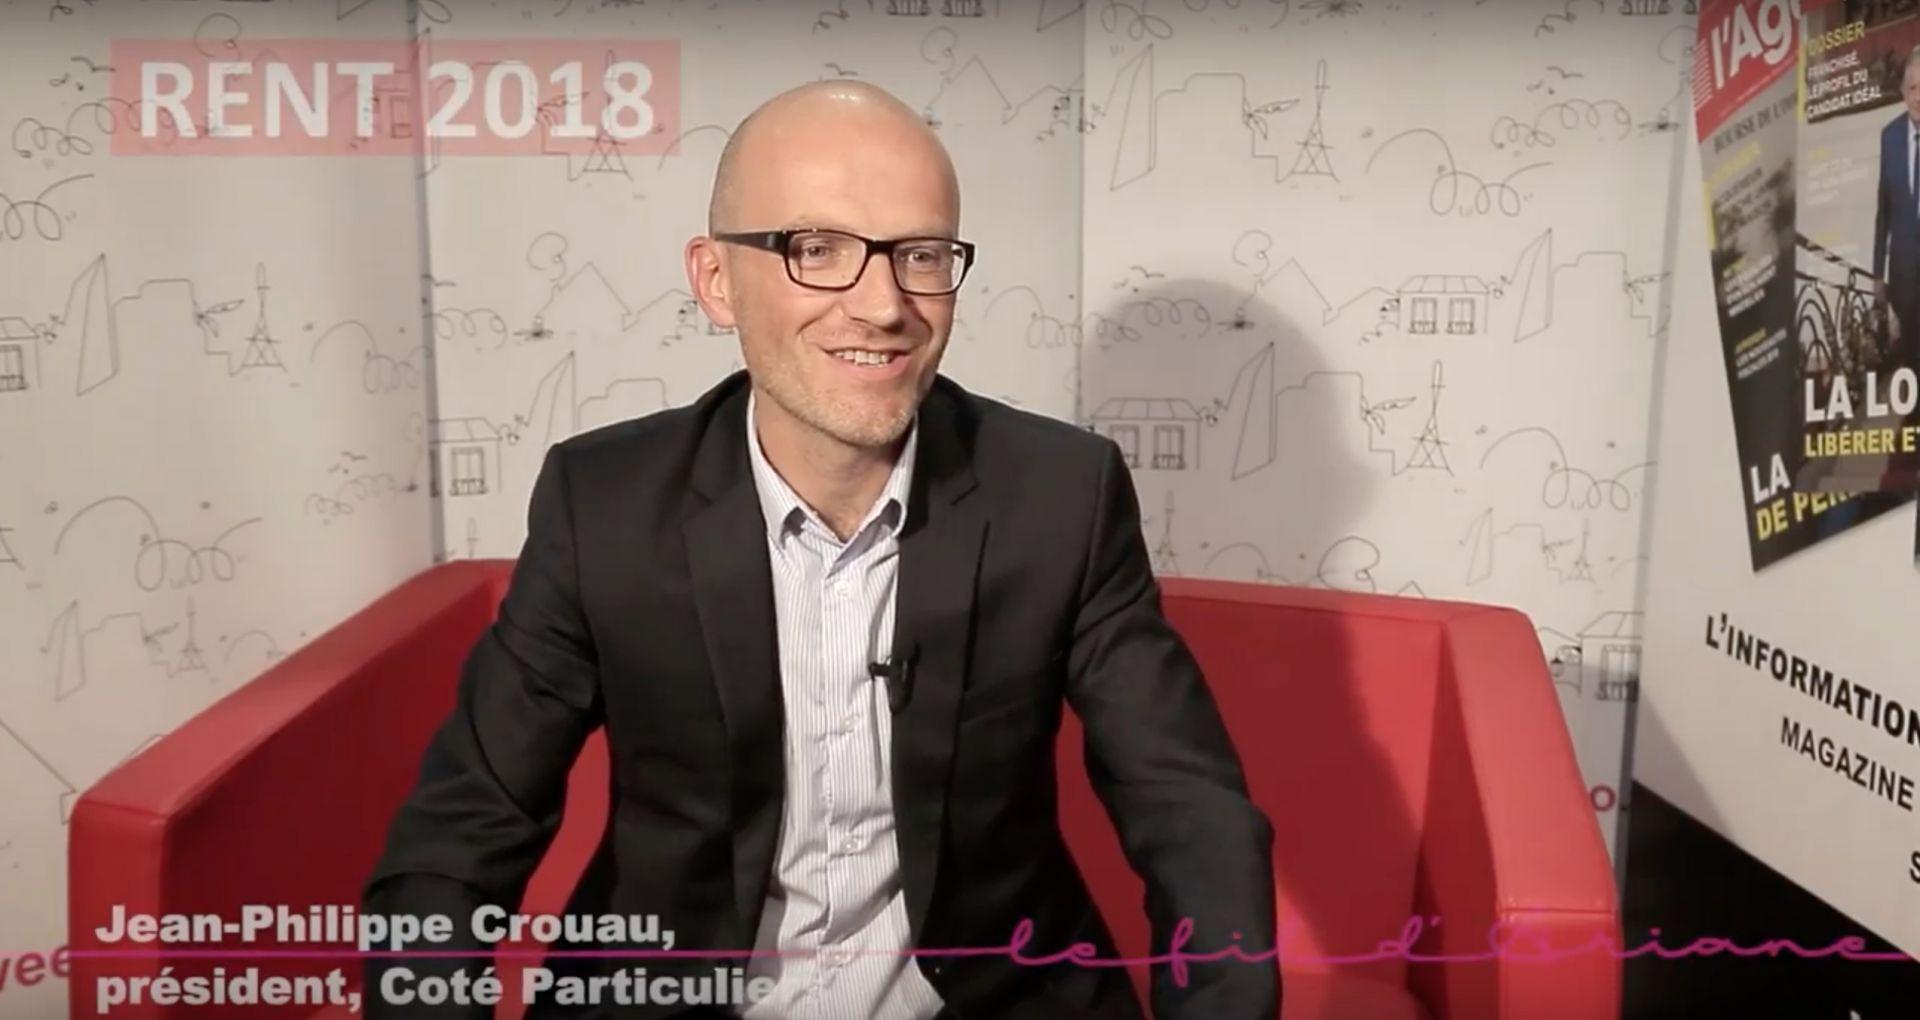 RENT 2018 : Jean-Philippe Crouau, président de Côté Particuliers présente sa vision du digital